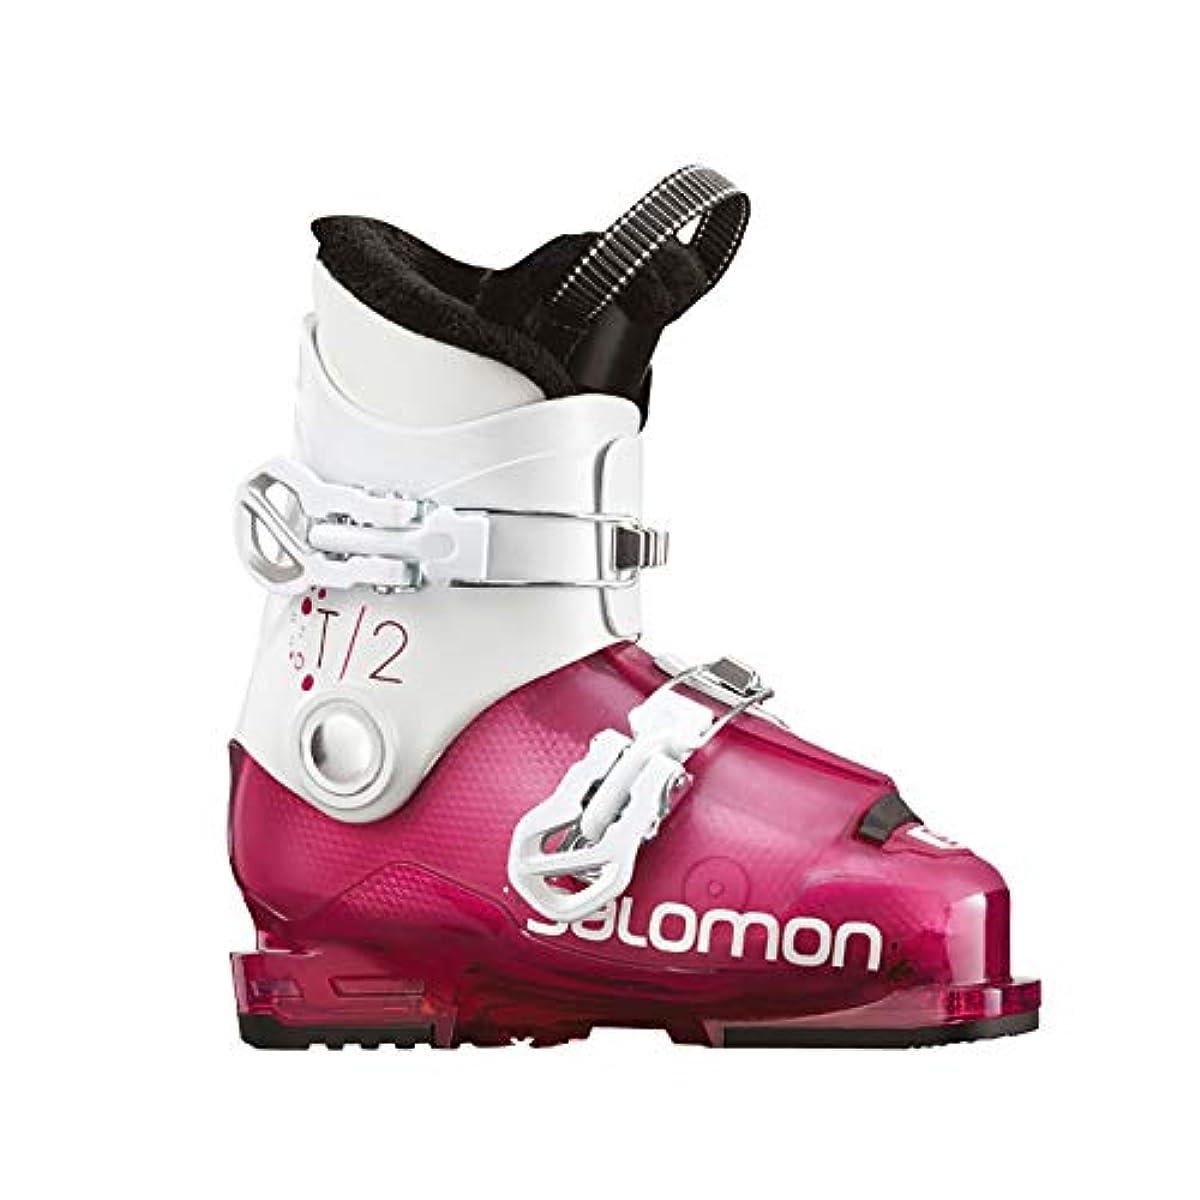 [해외] 살로몬SALOMON 스키화 쥬니어 T2 RT 2018-19년 모델 L40573900